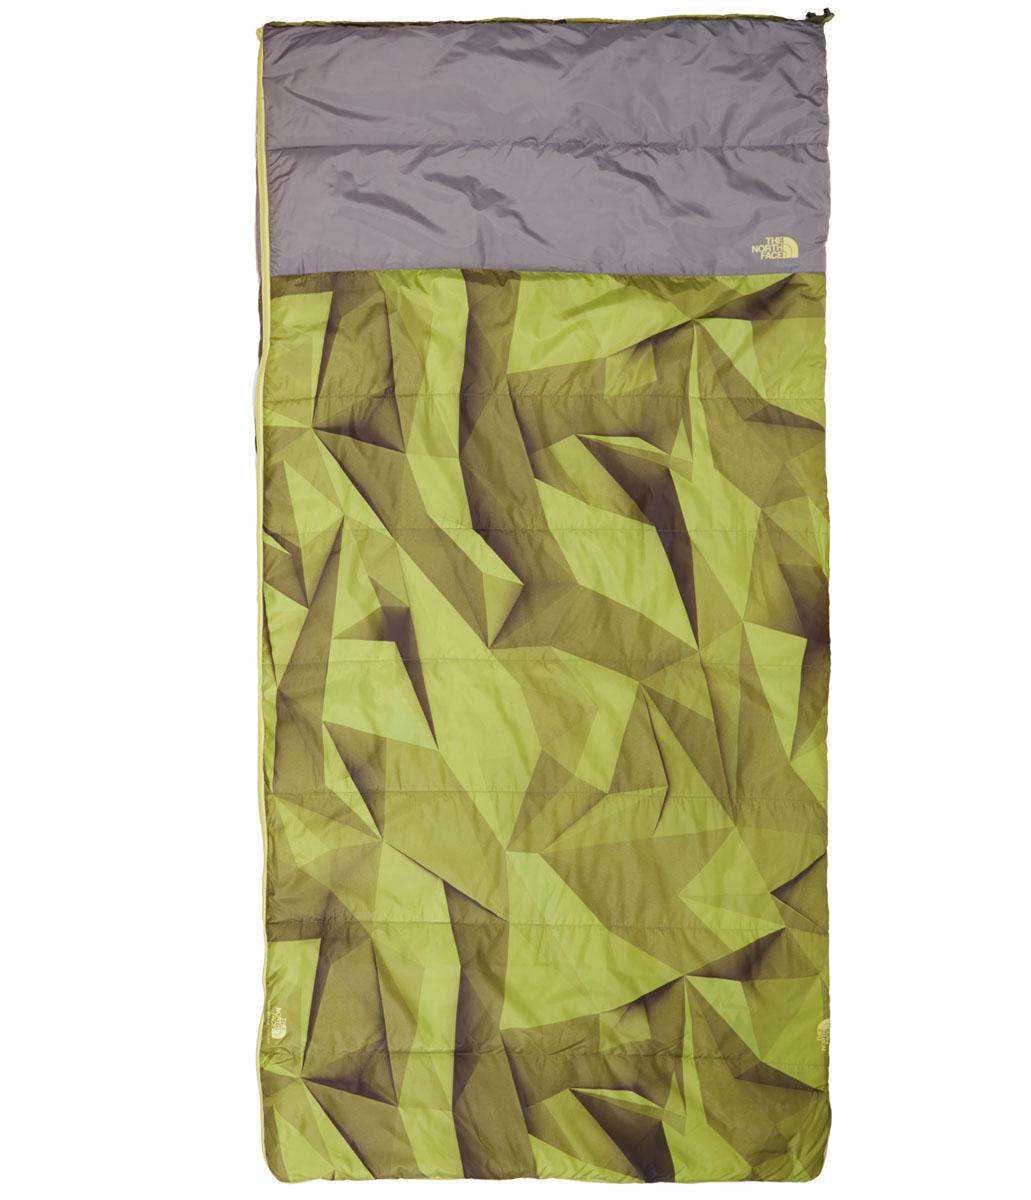 Спальный мешок The North Face Homestead Twin 40/4, цвет: зеленый. T0CJ2YHAPRH REG - Спальные мешки